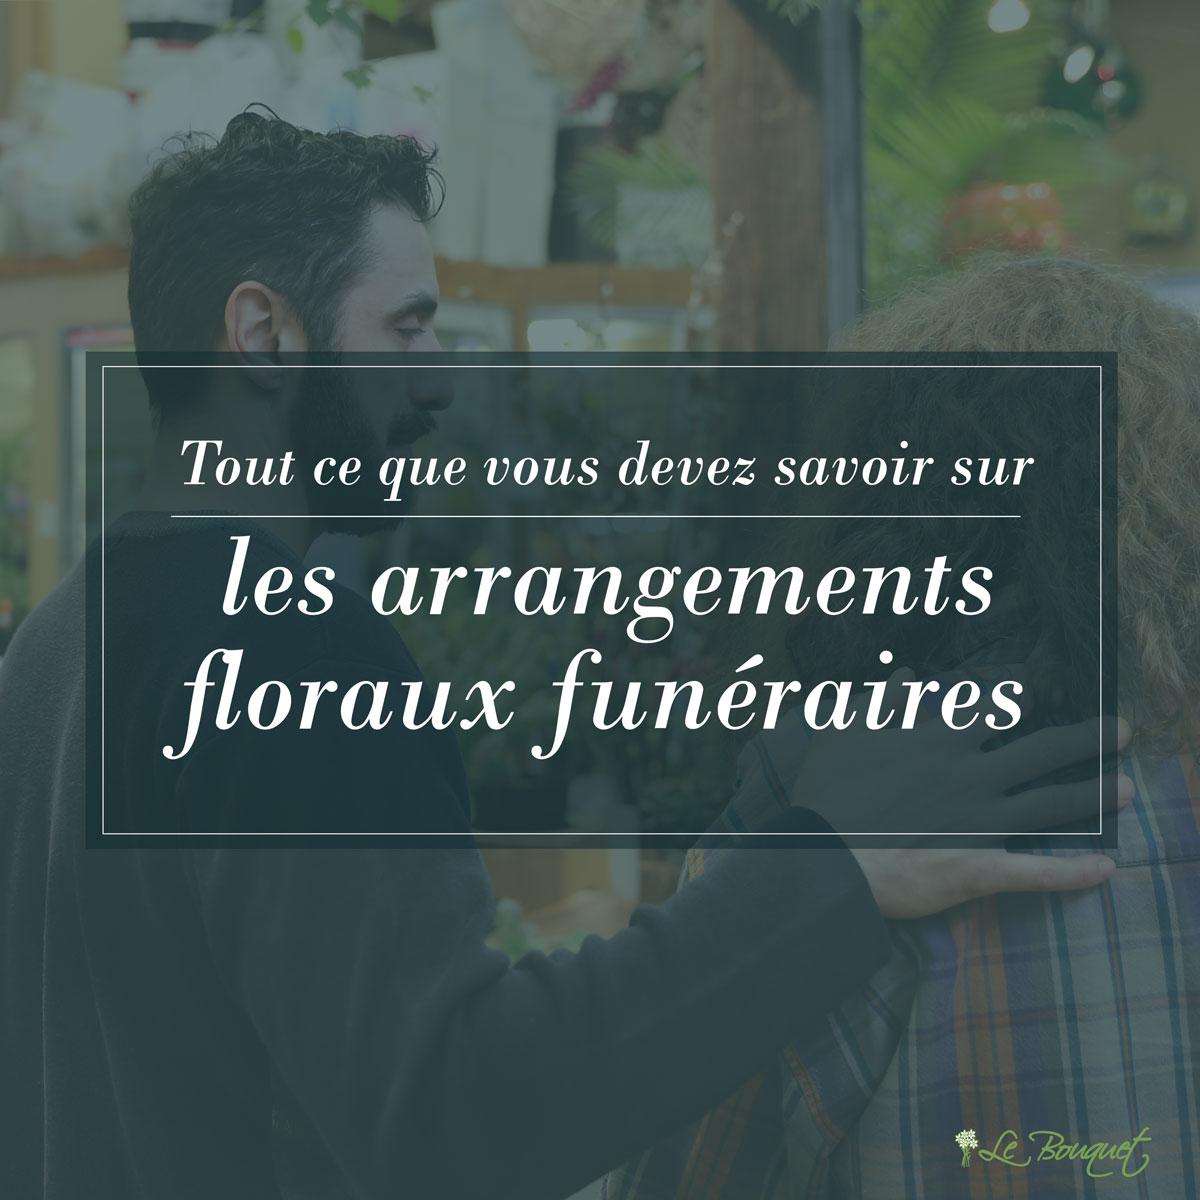 Tout ce que vous devez savoir sur les arrangements floraux funéraires